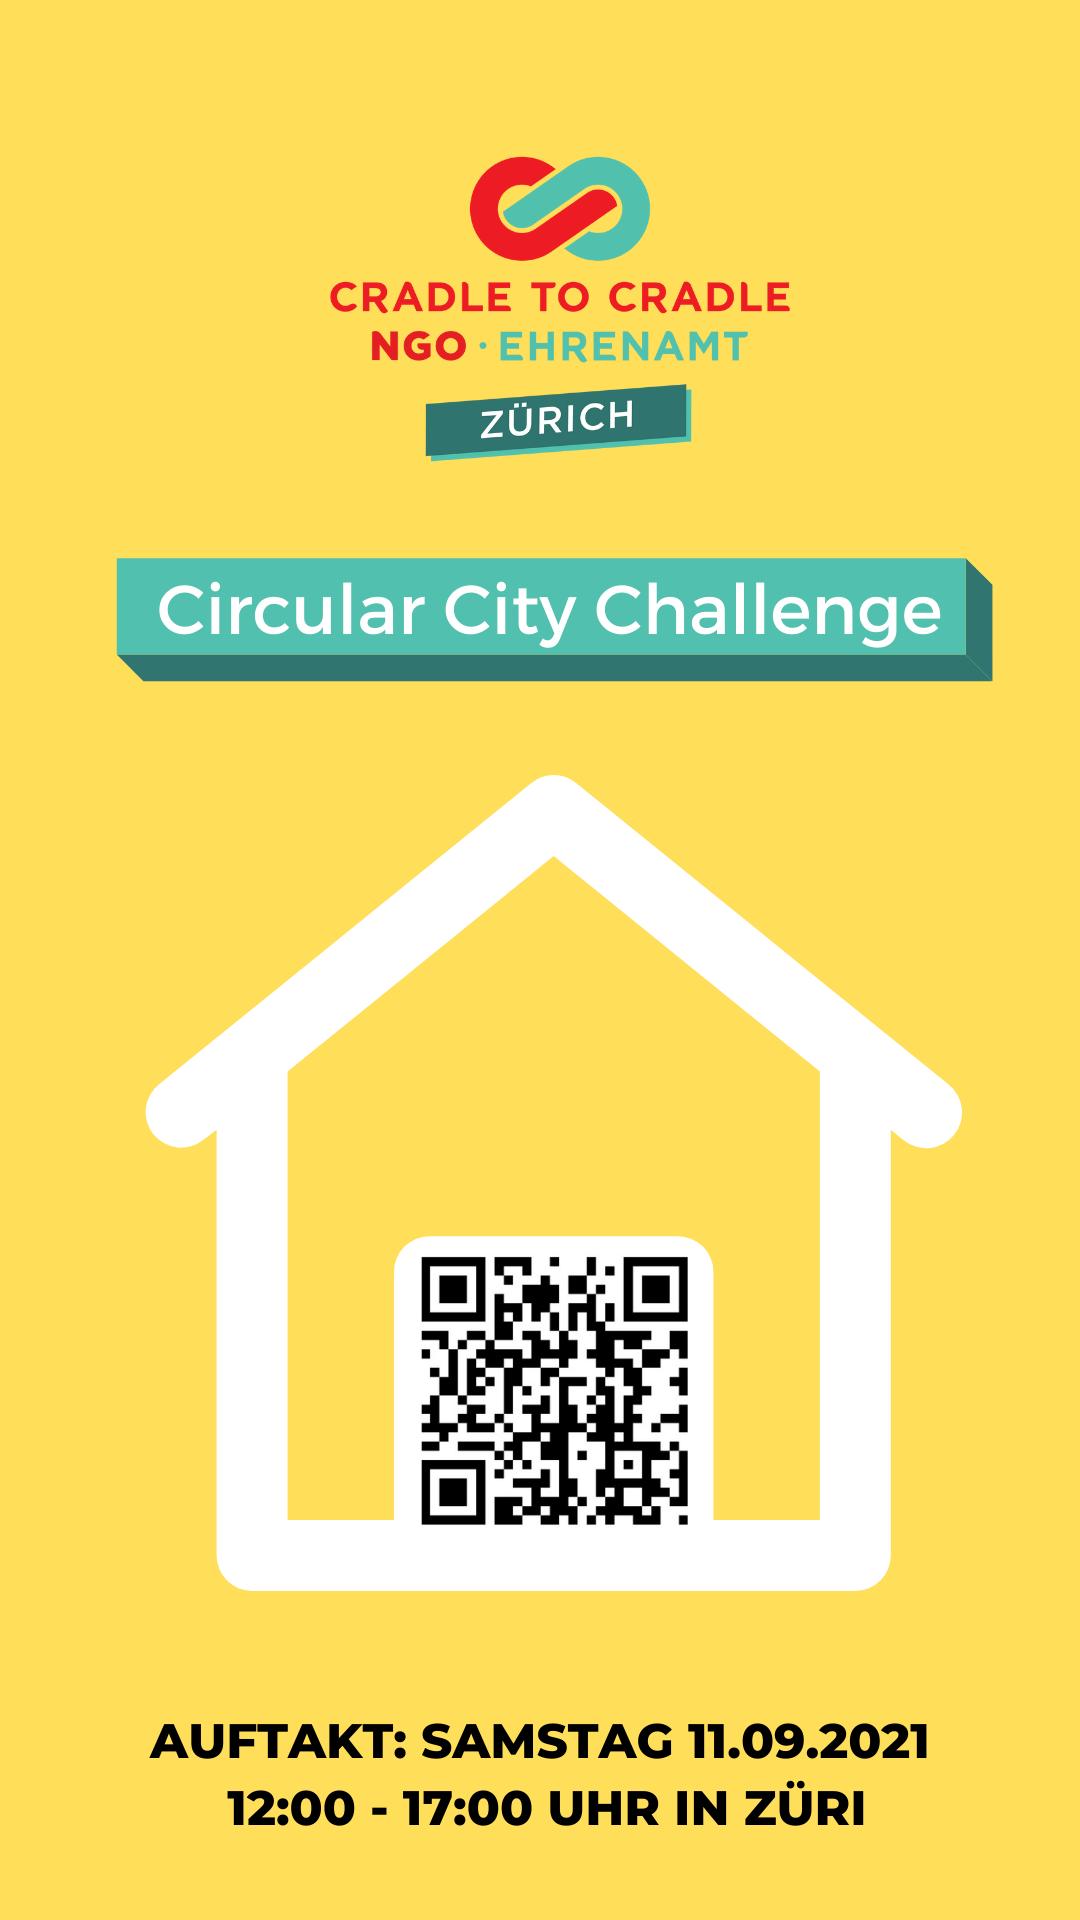 C2C Zürich - Circular City Challenge - Auftakt: Samstag, 11. 9.2021, ab 12:00